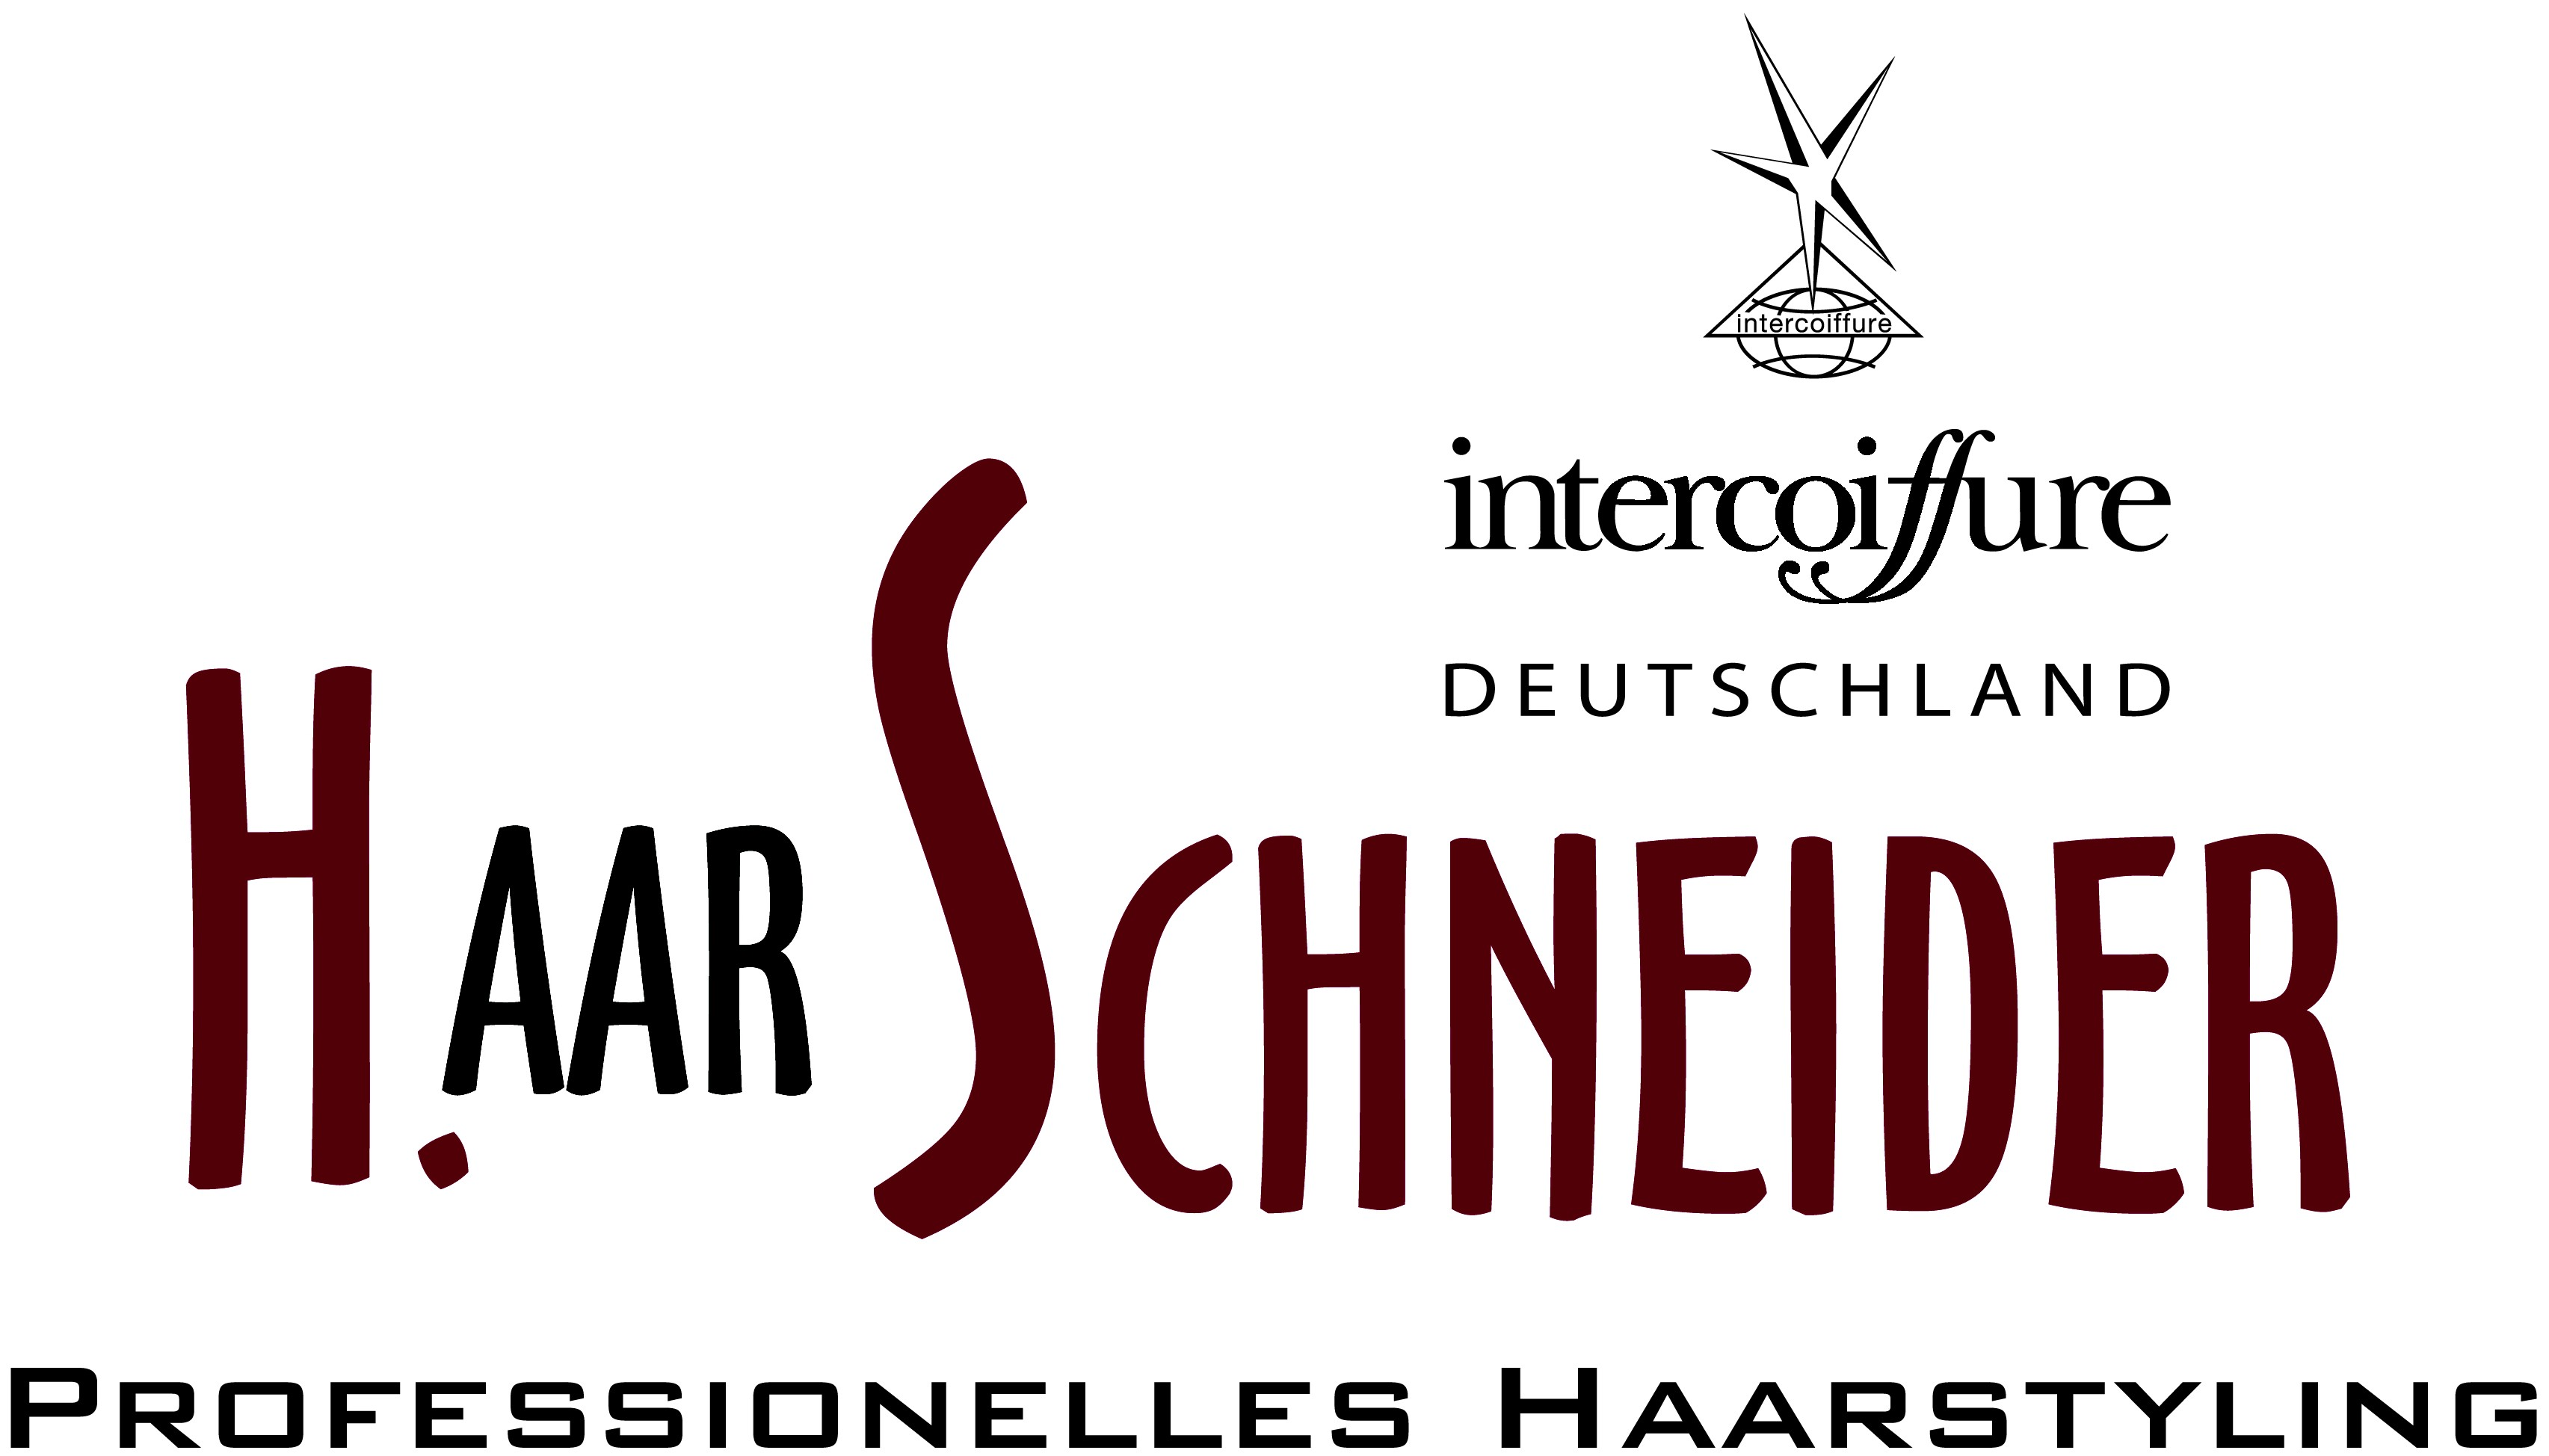 H.aarschneider